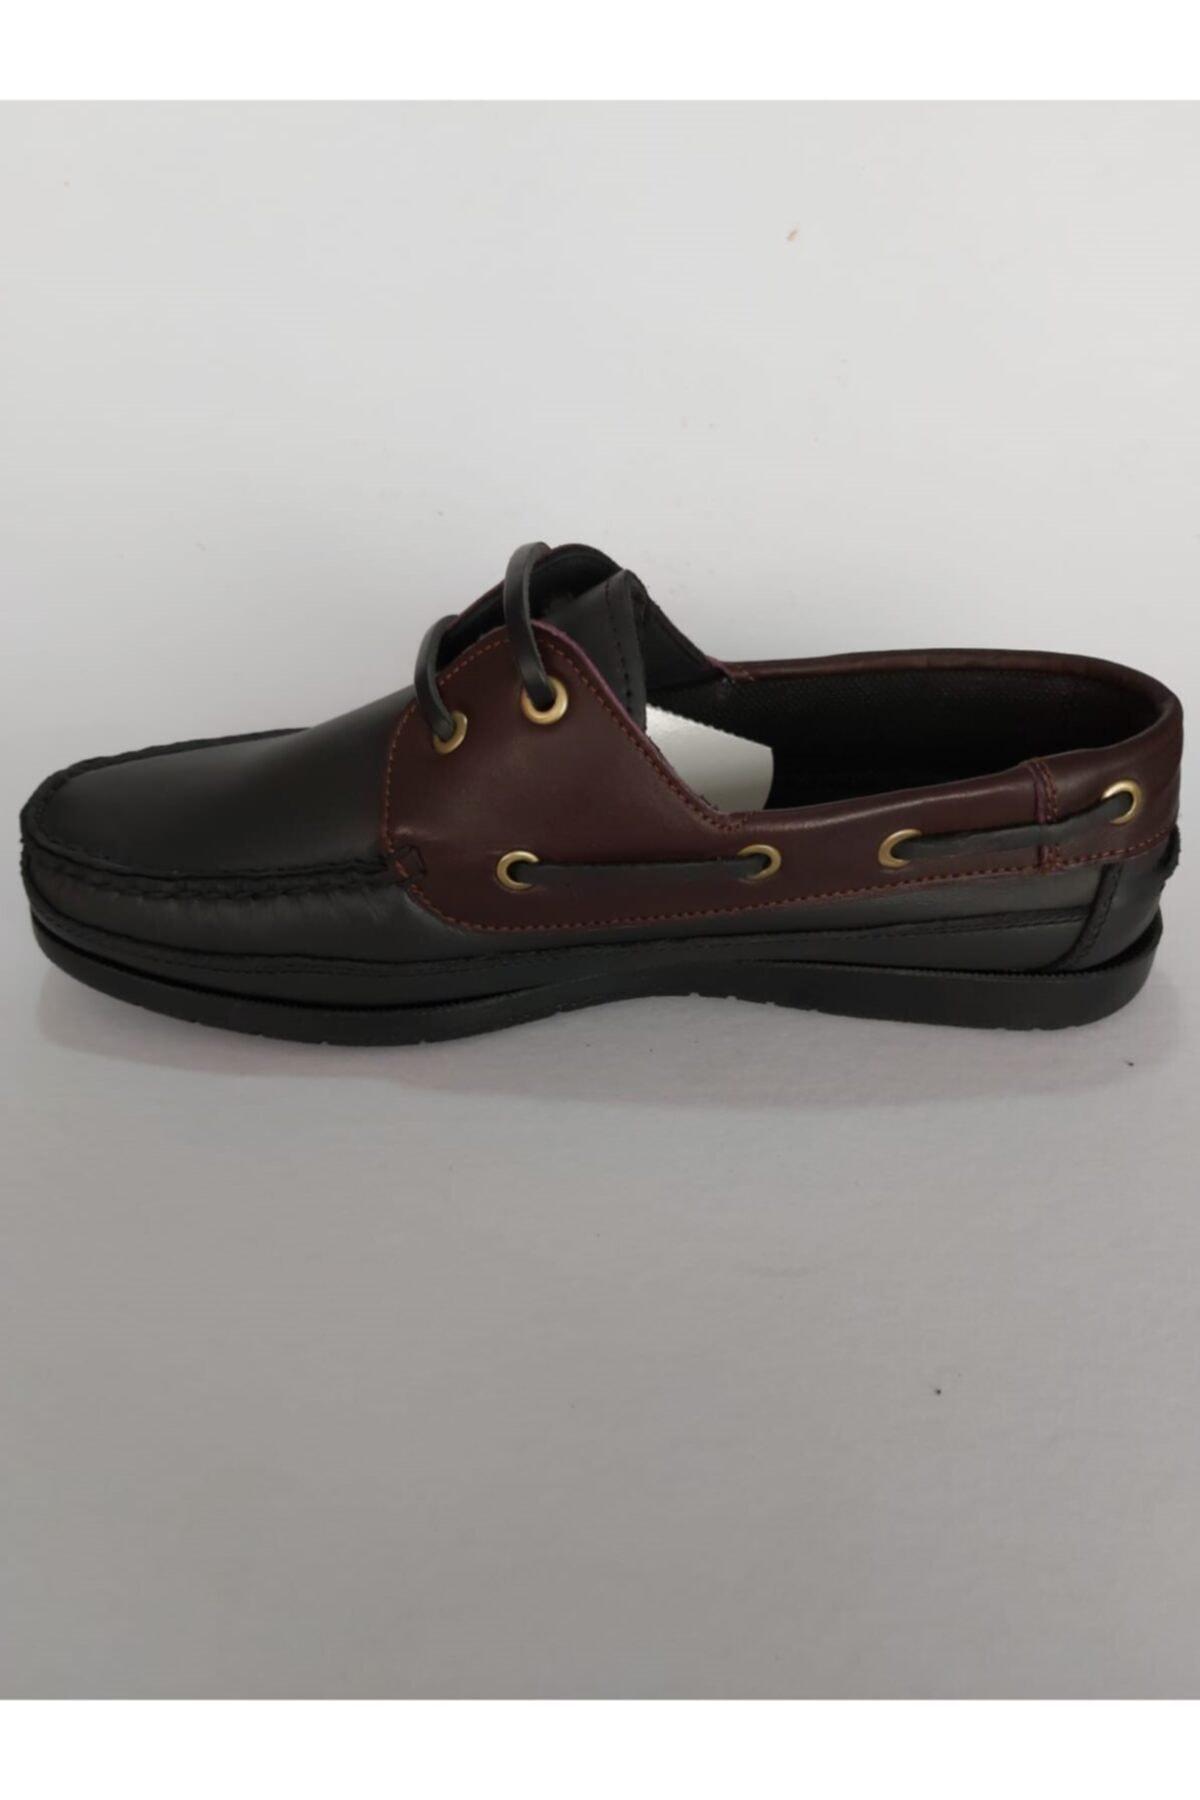 Dexter Tarzı Rahat , Hakiki Deri Ayakkabı 2